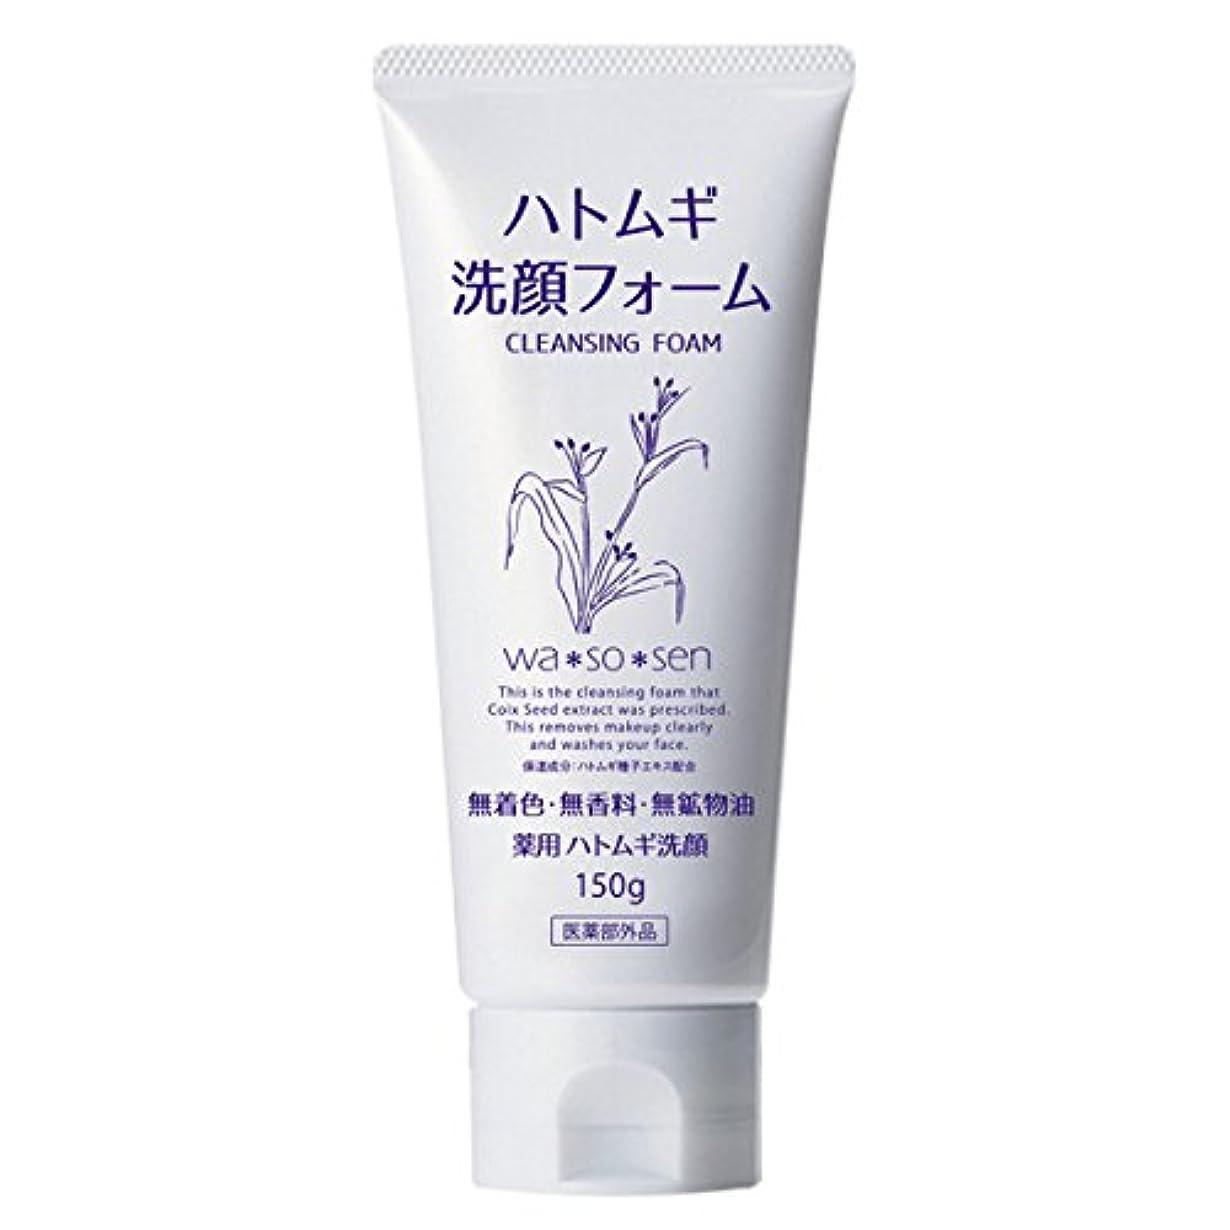 リフトメカニック豊かな薬用ハトムギ洗顔フォーム (150g)